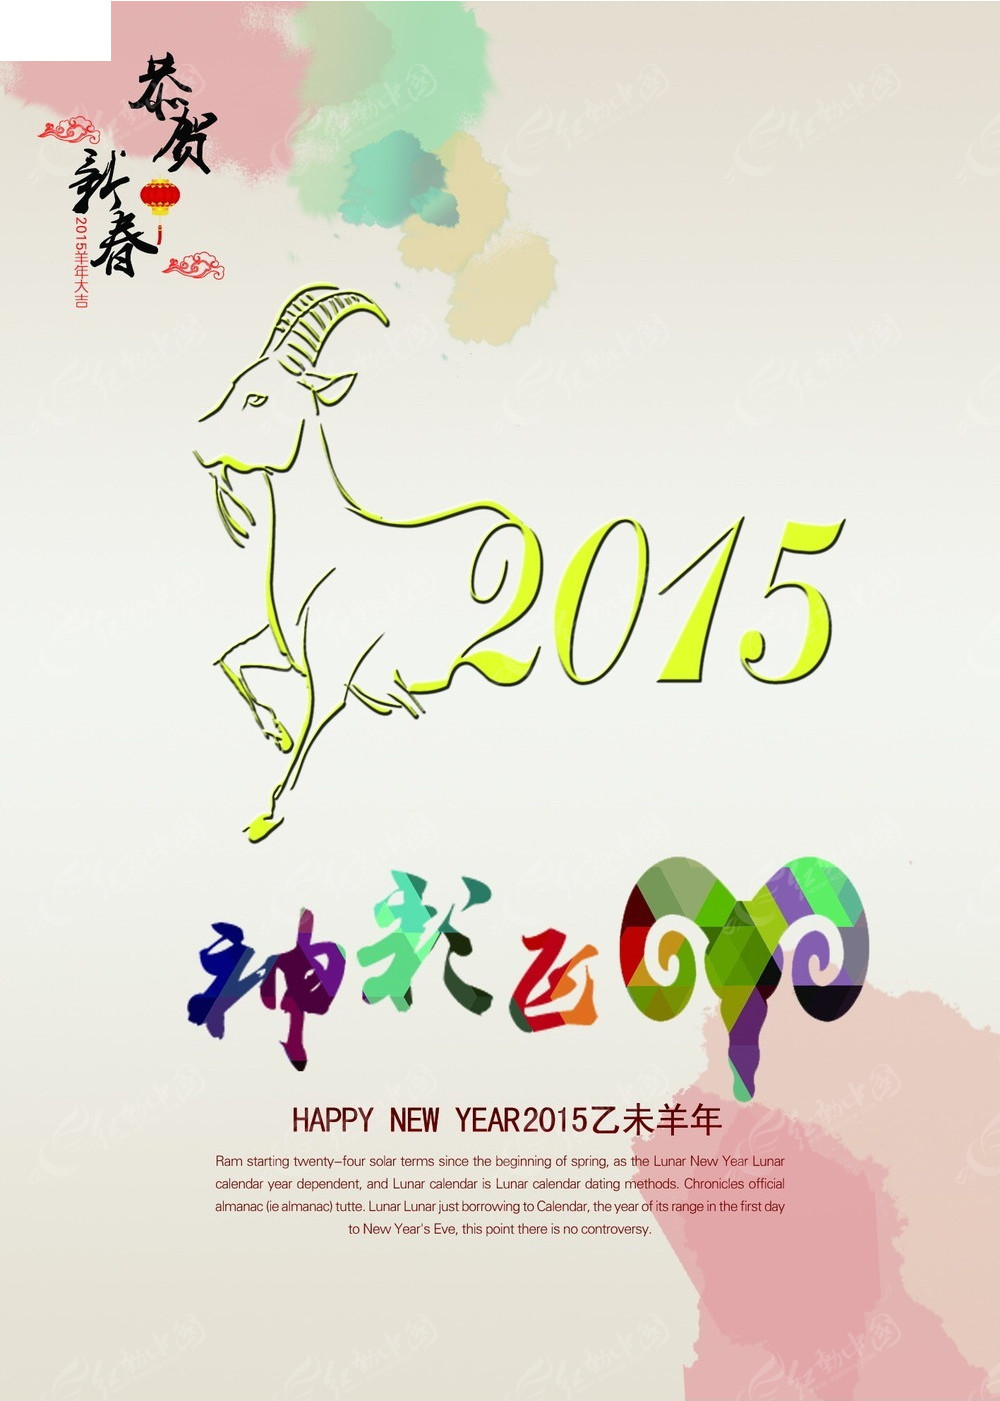 2015年神彩飛羊創意海報